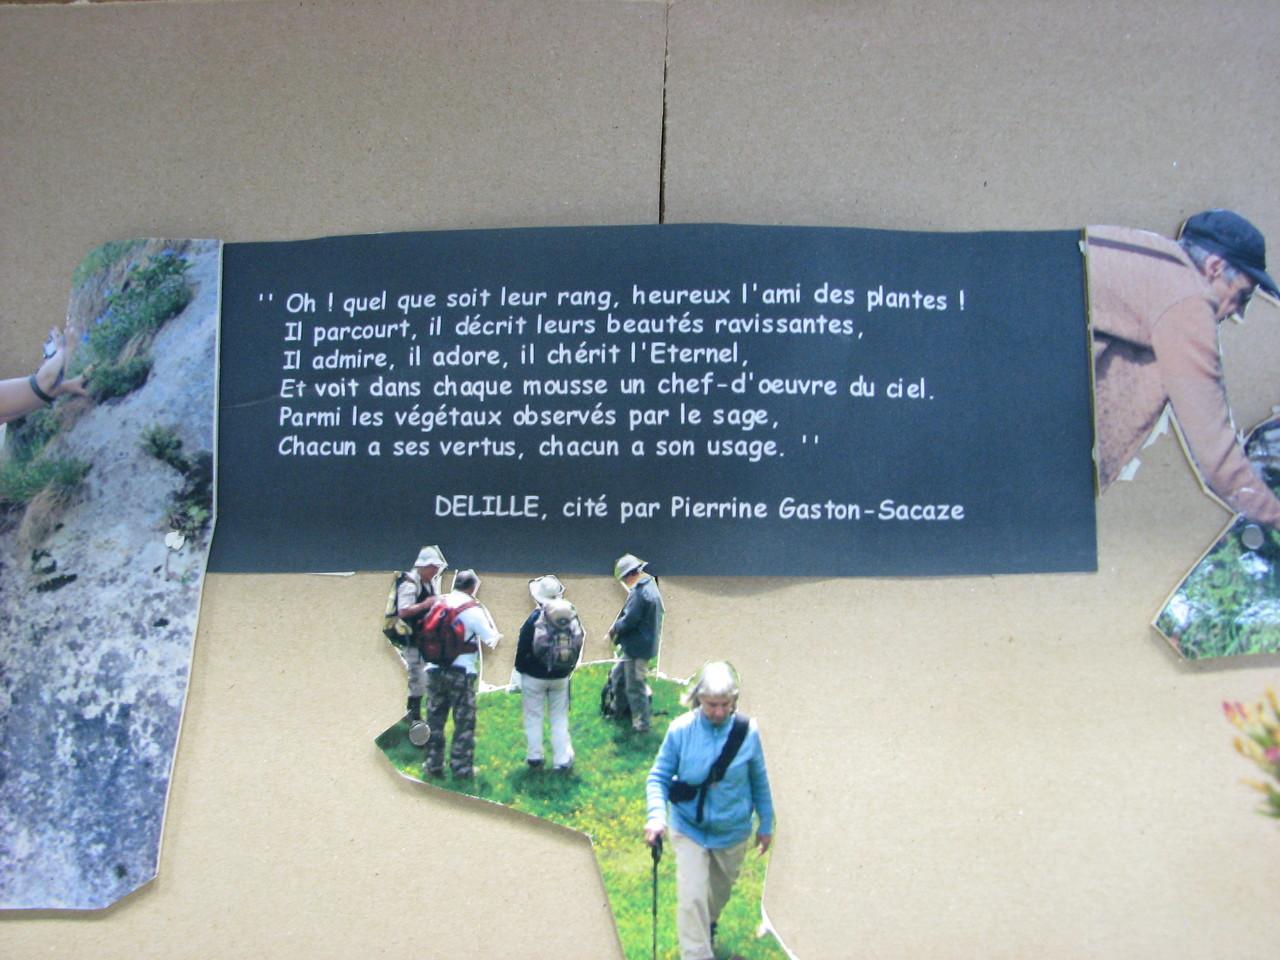 Extrait d'un poème de Jacques Delille